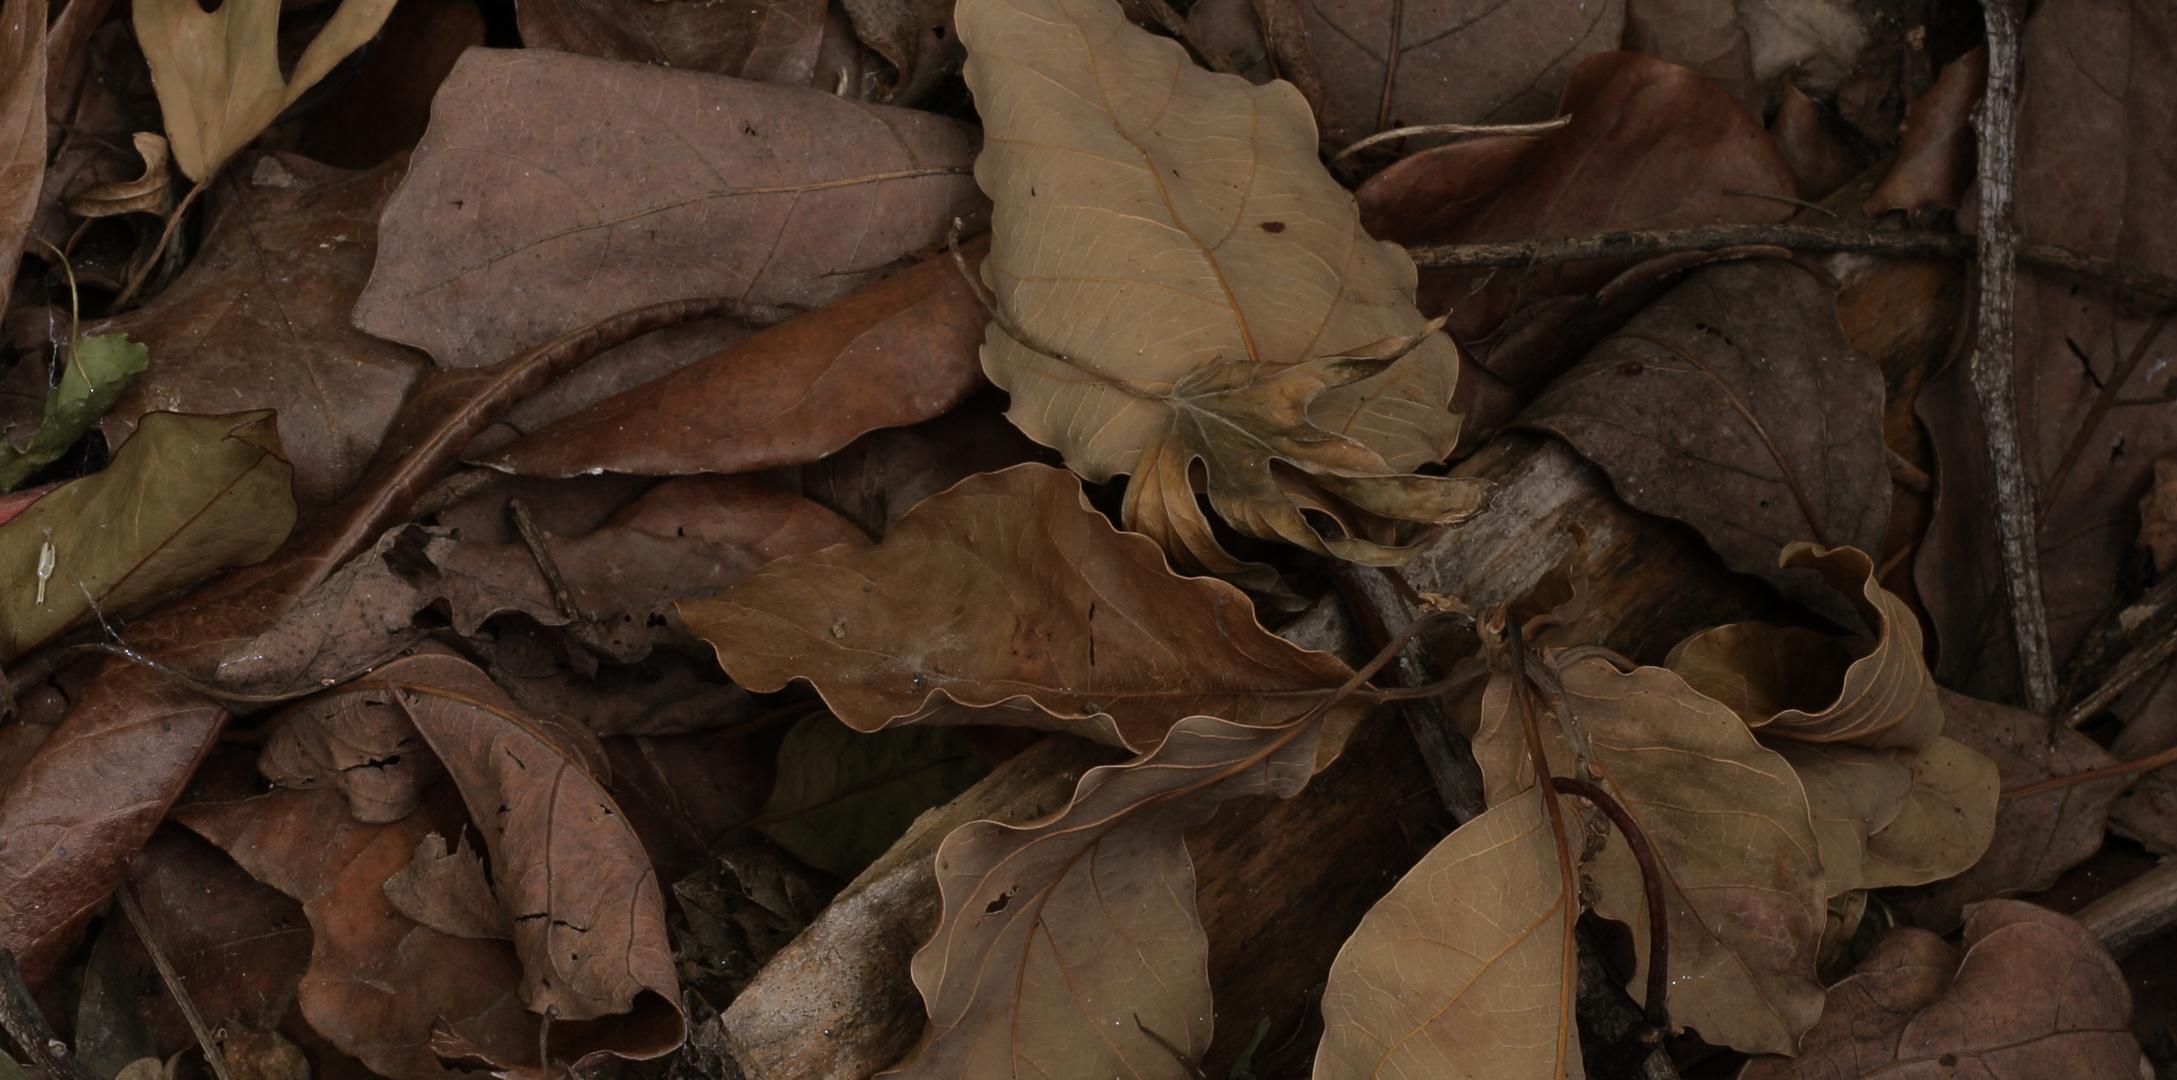 componiendo con el sr. otoño